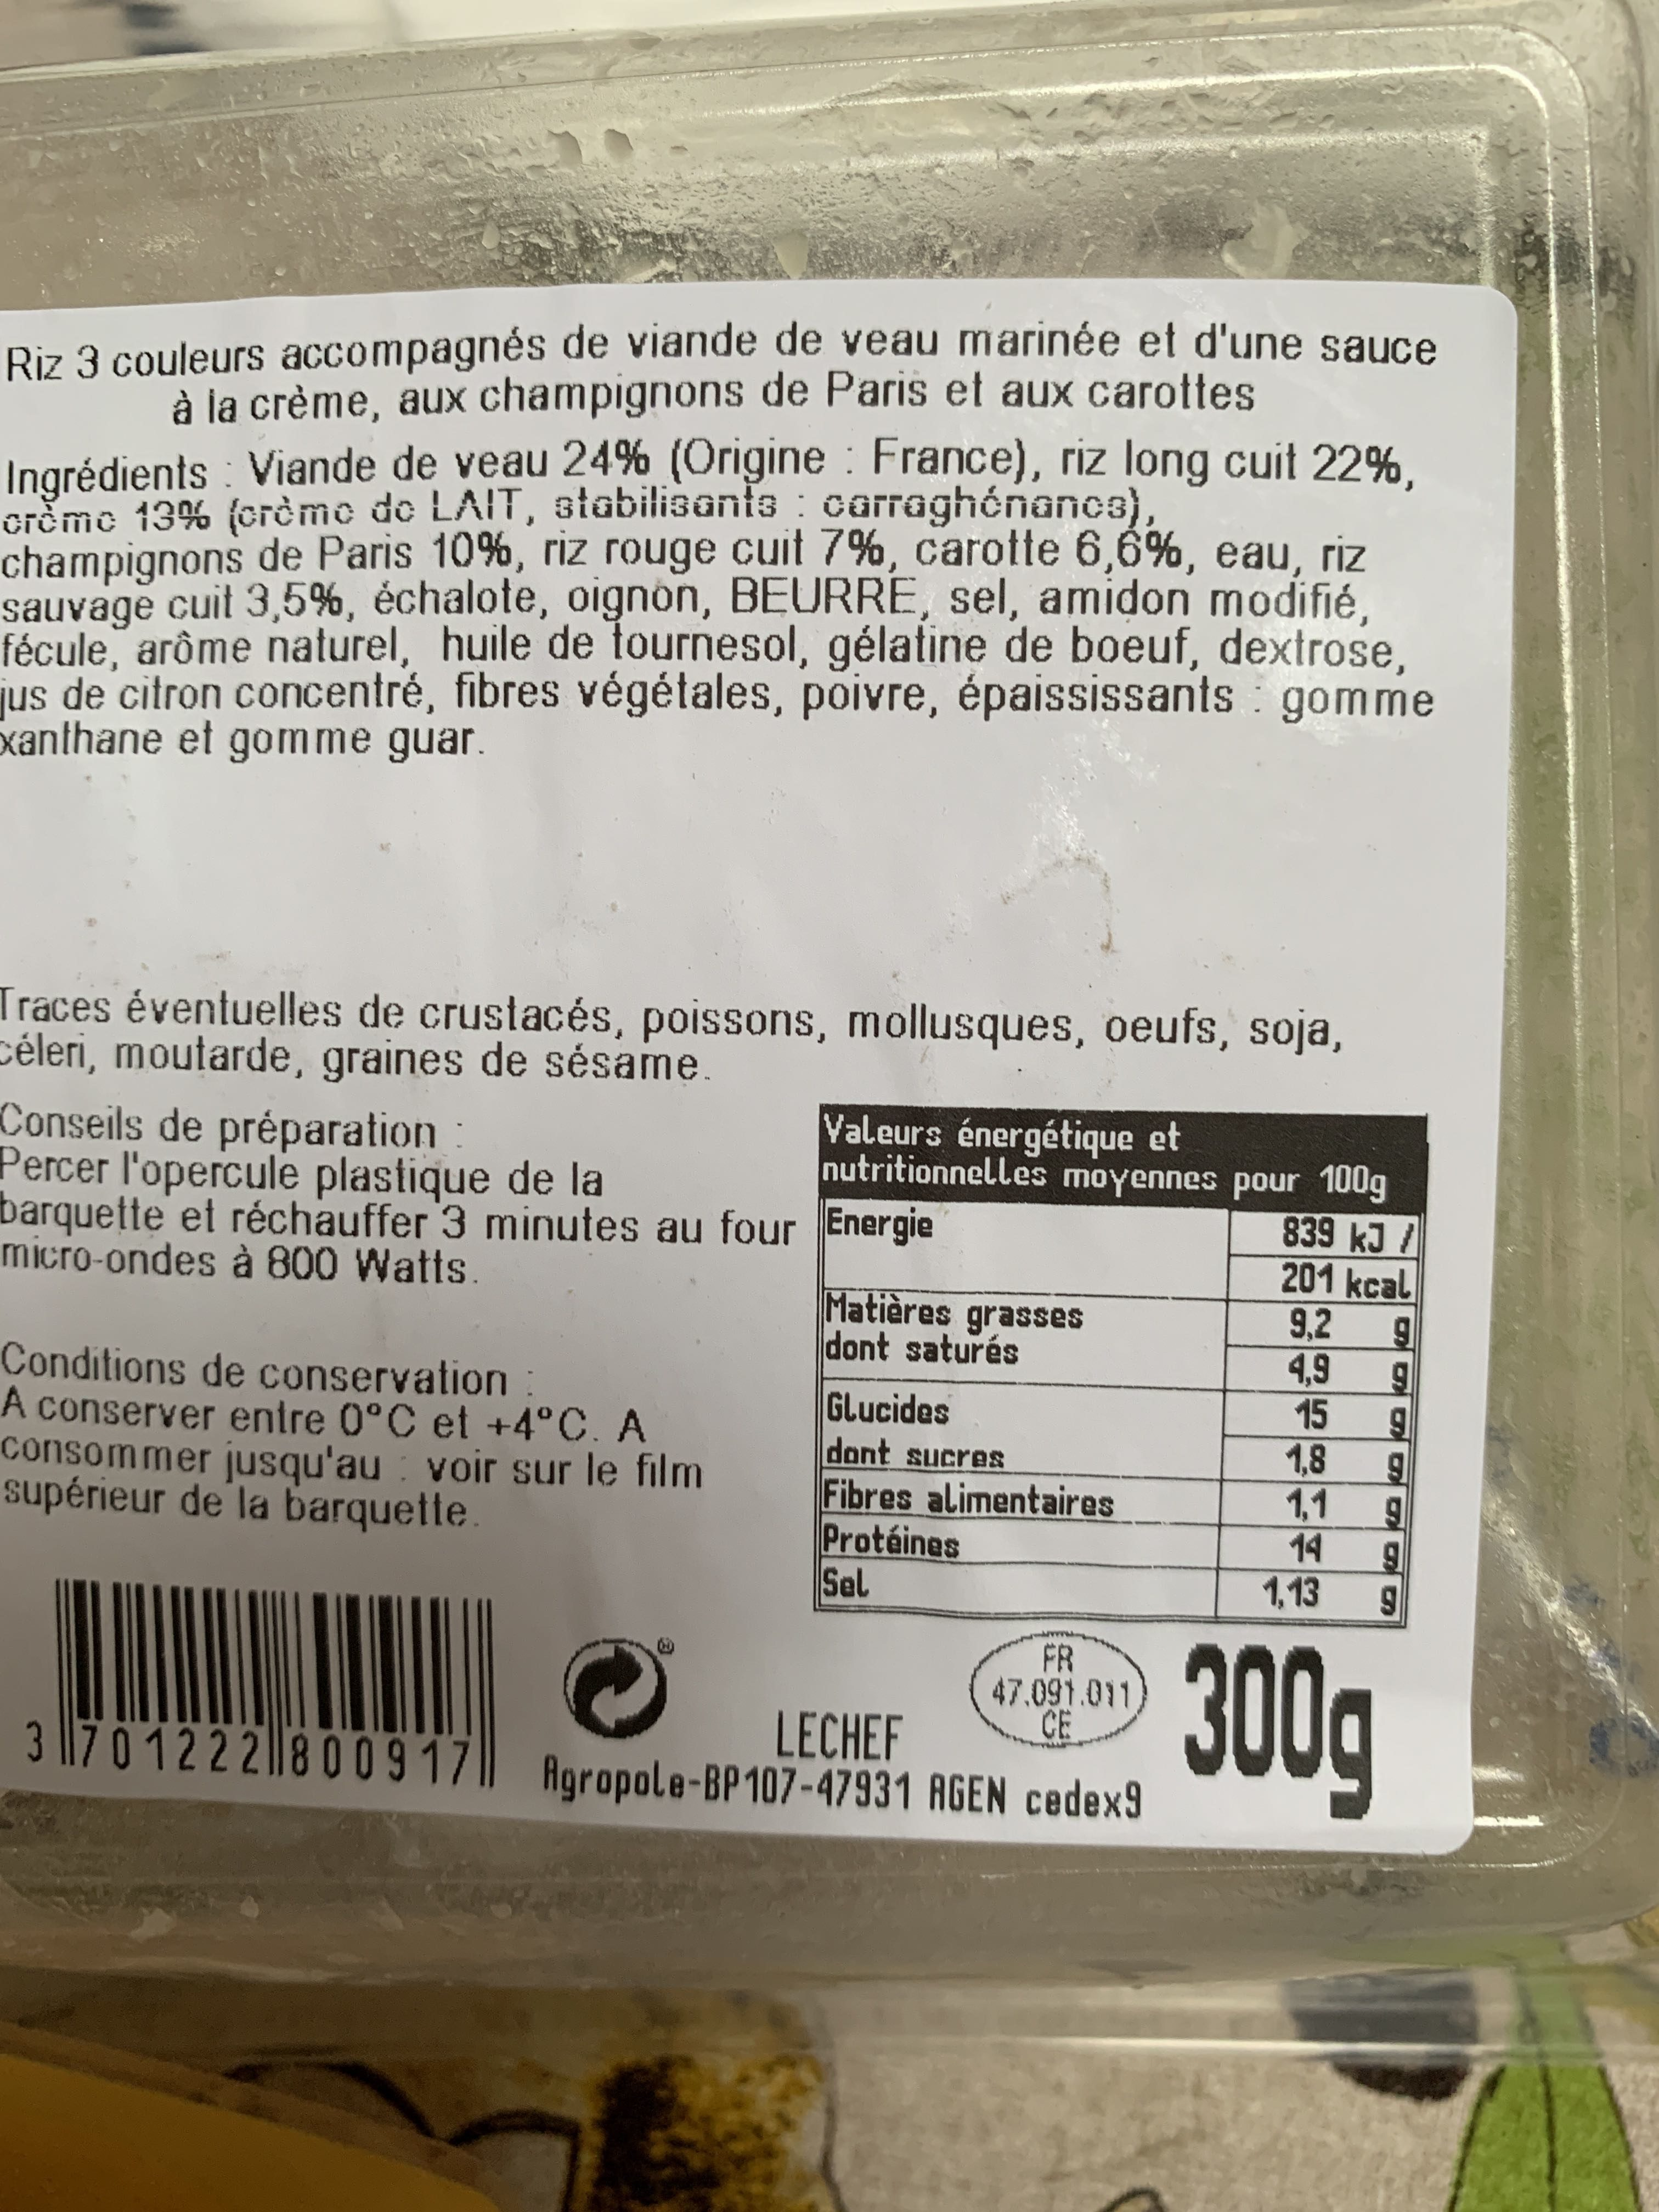 Blanquette de veau riz 3 couleurs - Product - fr